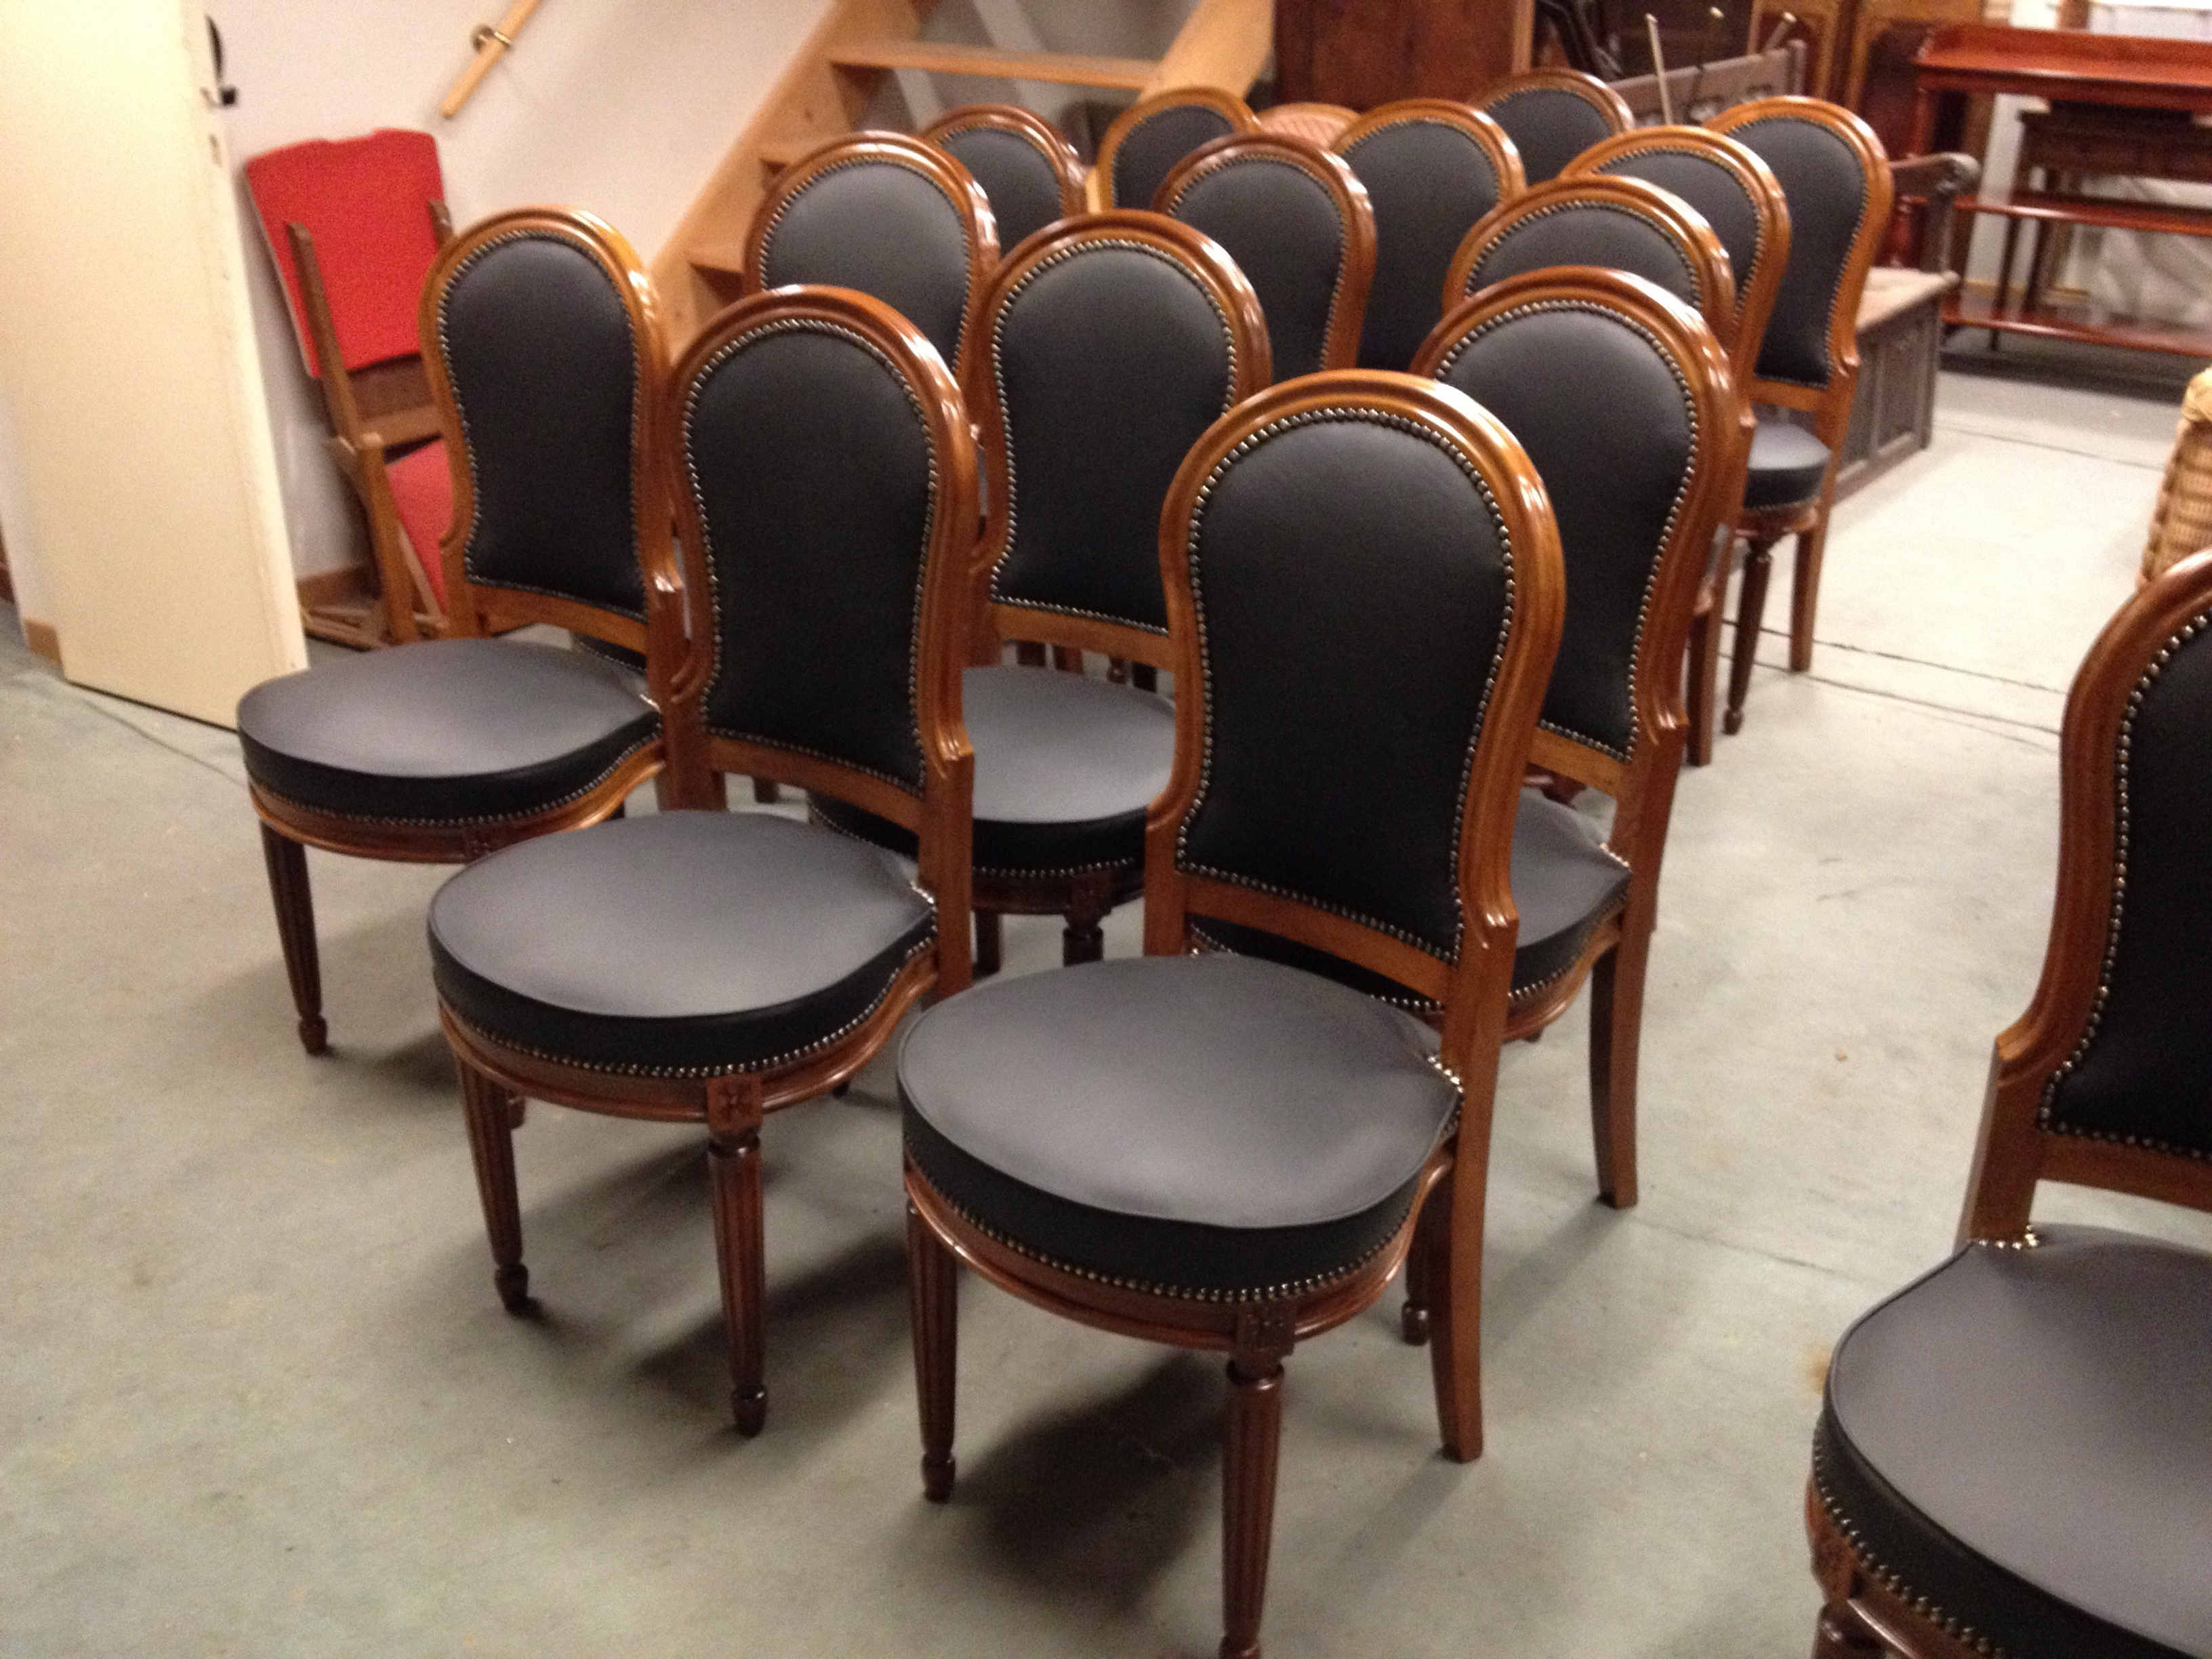 IMG_3976 chaise néo-classique fin XVIIIe - début XIXe